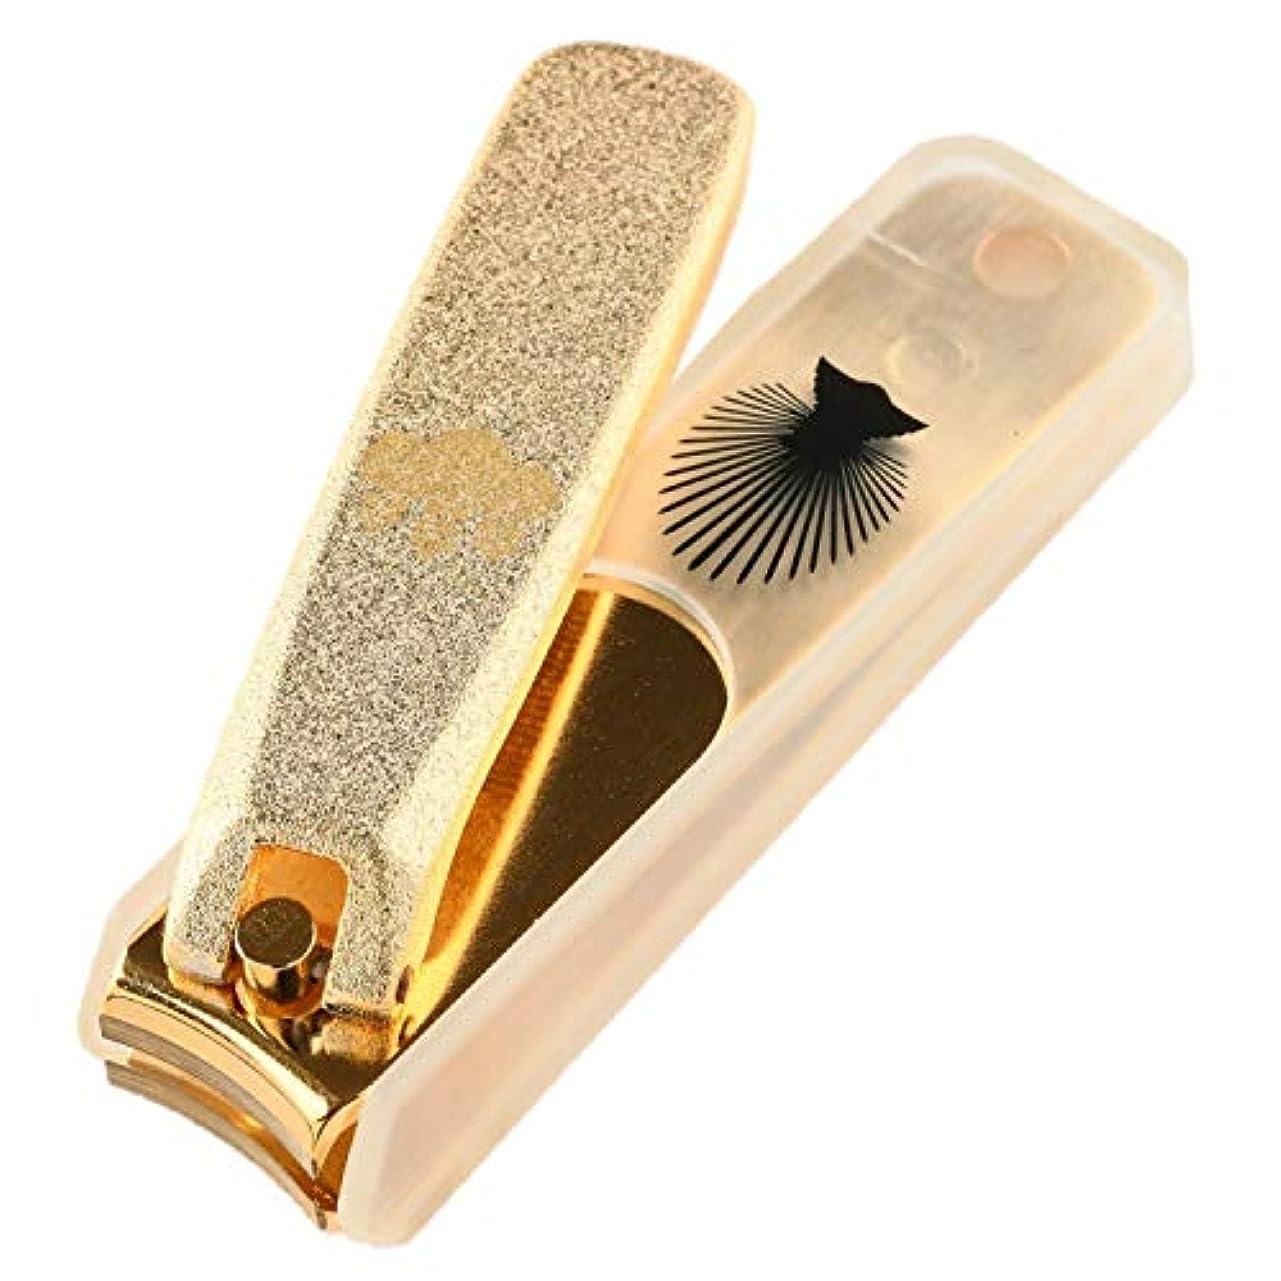 クッションバース発火するNIKKEN ニッケン刃物 関伝の美 武将爪切り 豊臣秀吉モデル ゴールド NL-18H